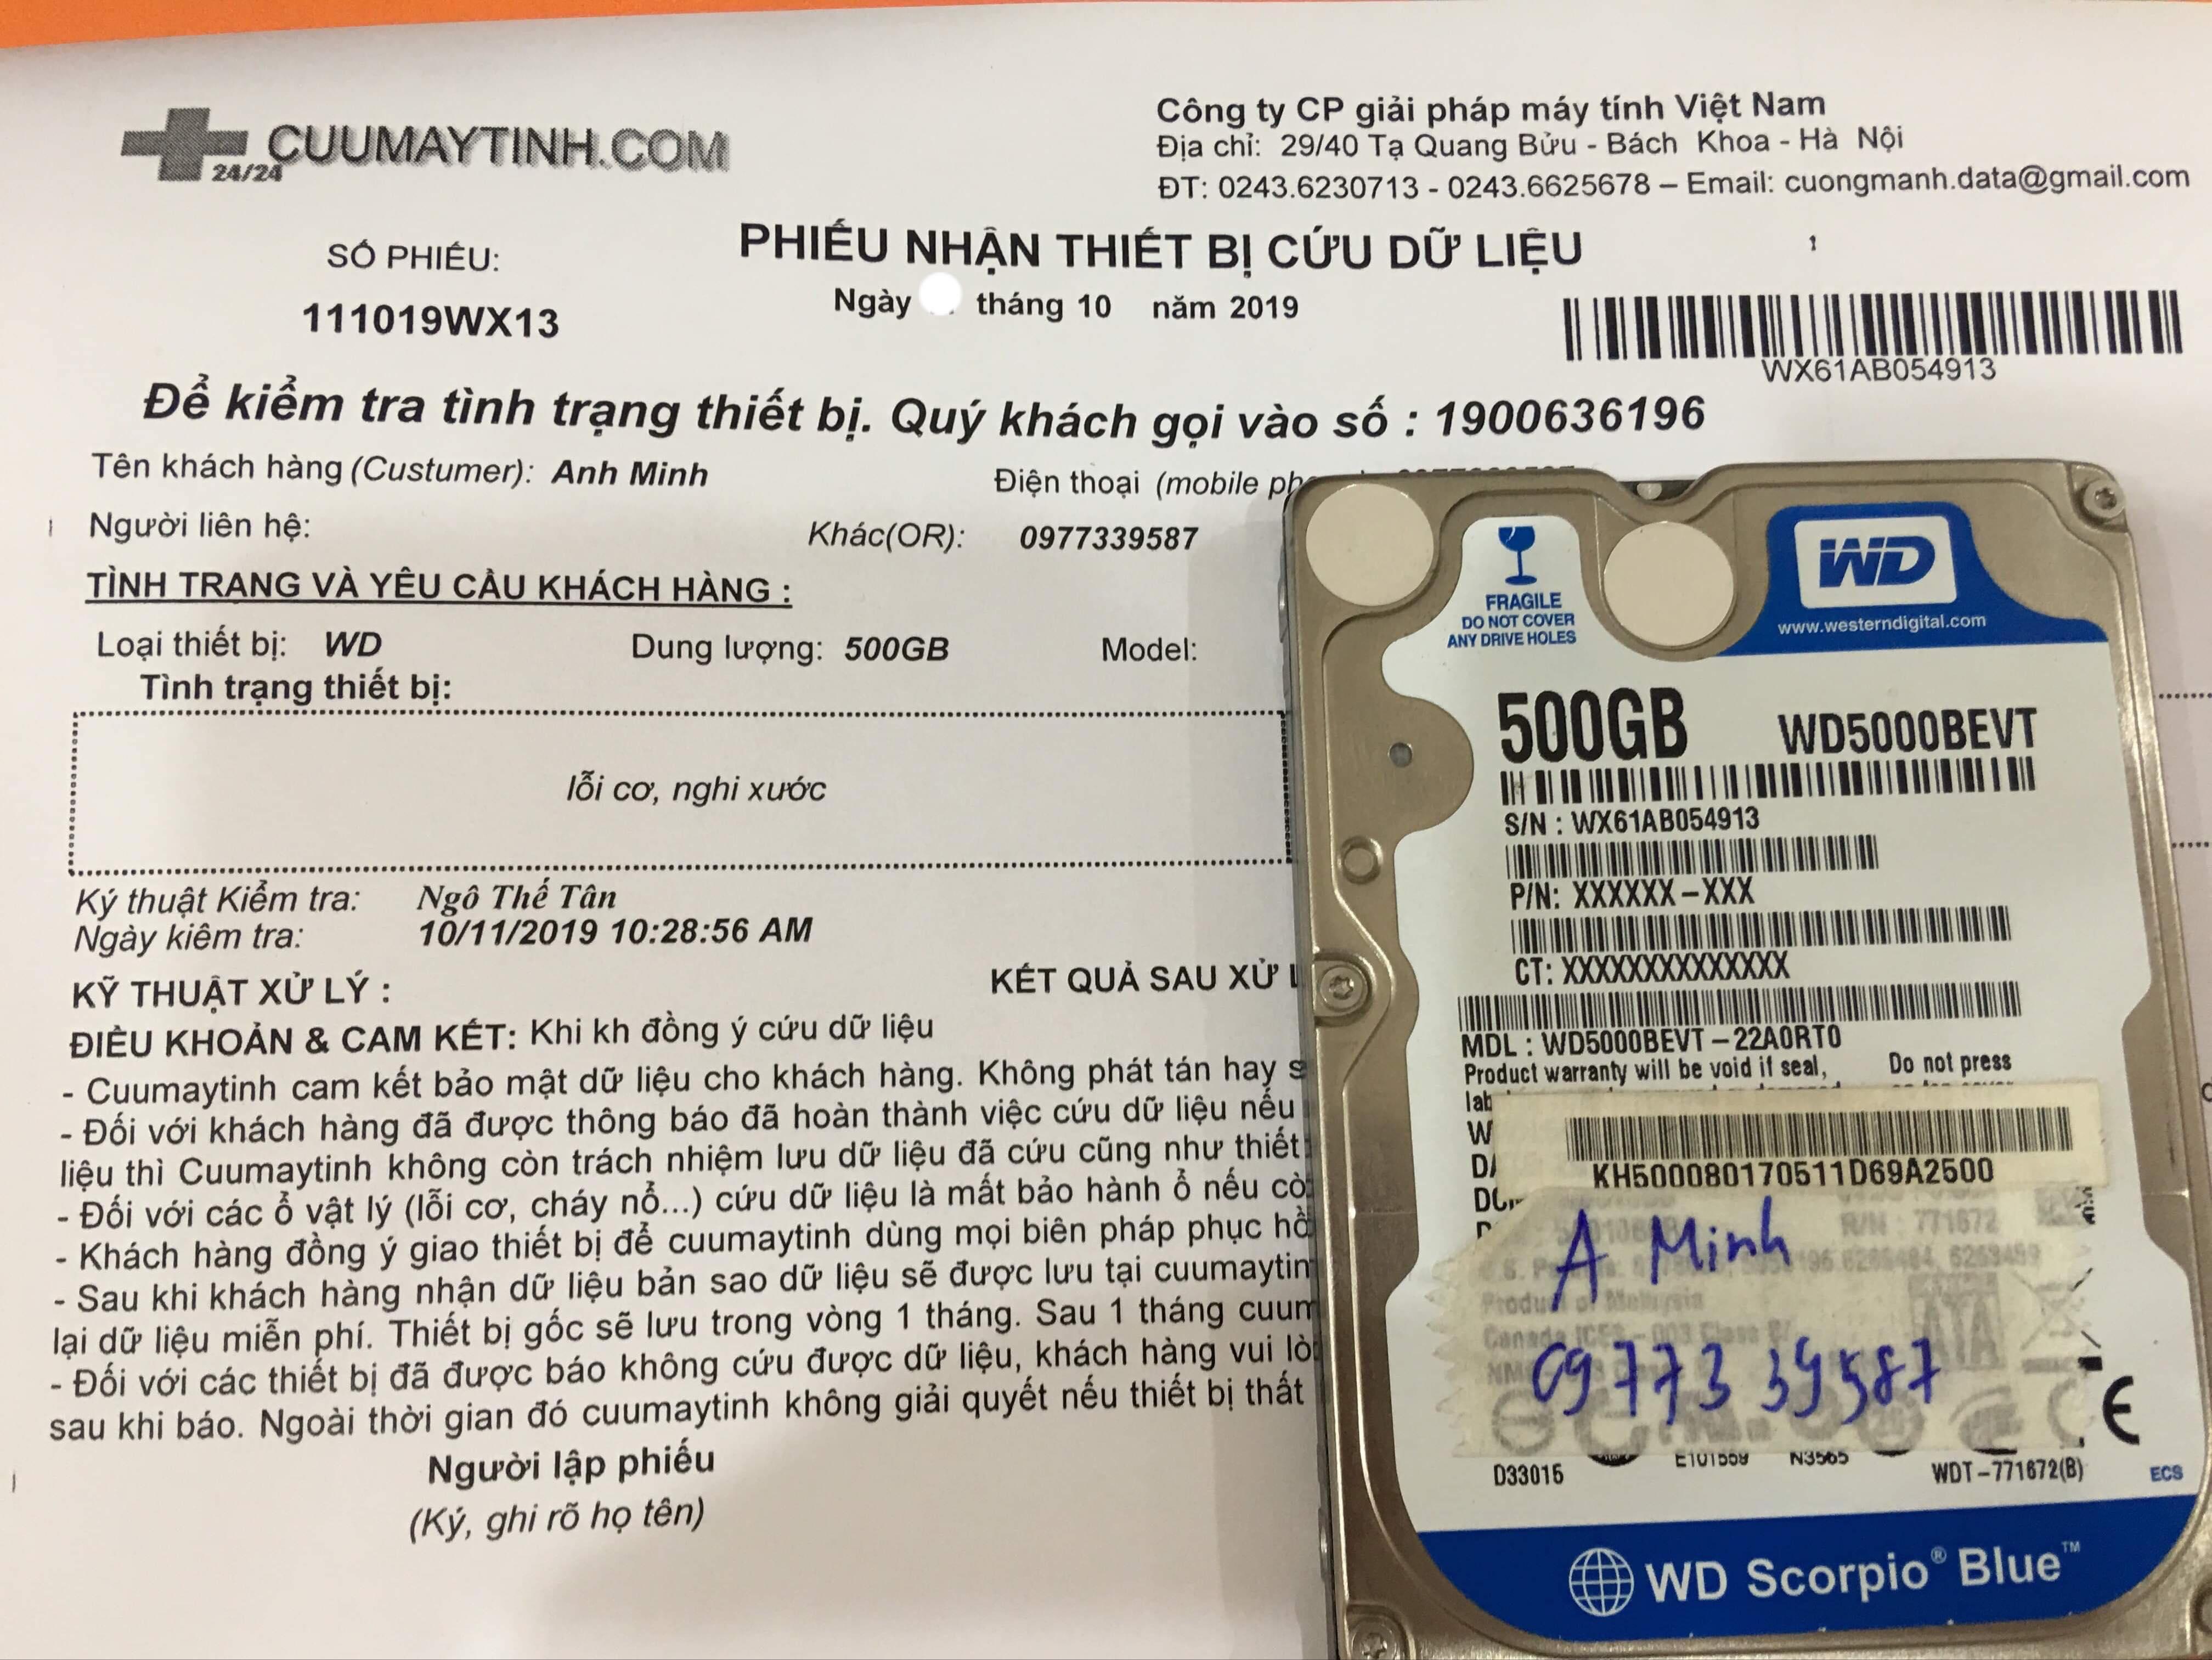 Phục hồi dữ liệu ổ cứng Western 500GB lỗi cơ 21/10/2019 - cuumaytinh